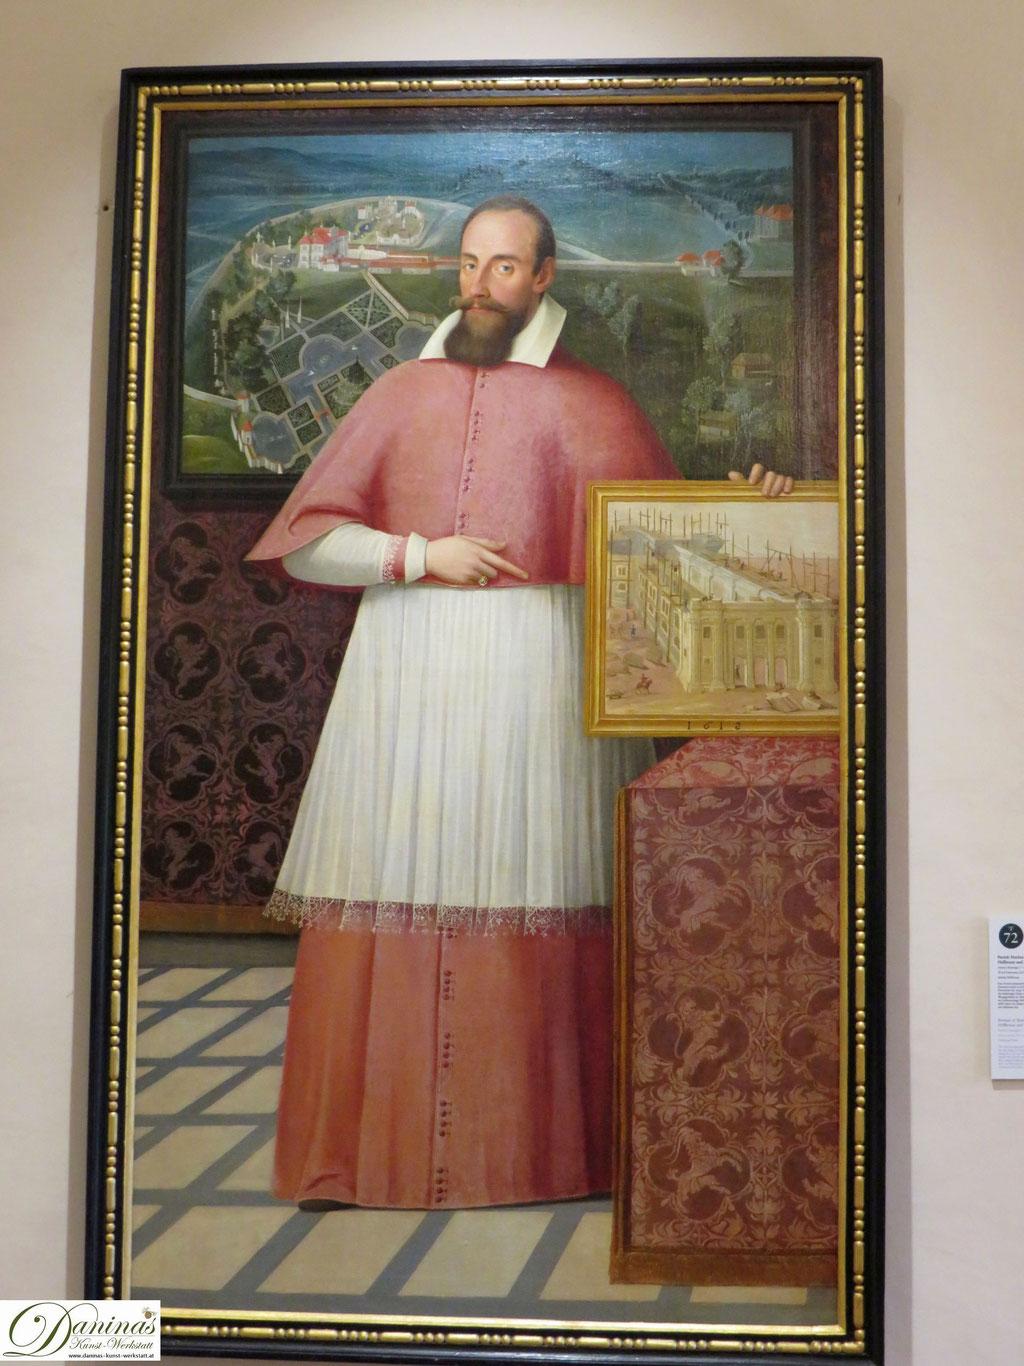 Fürsterzbischof Markus Sittikus. Gemälde im Schloss Hellbrunn in Salzburg